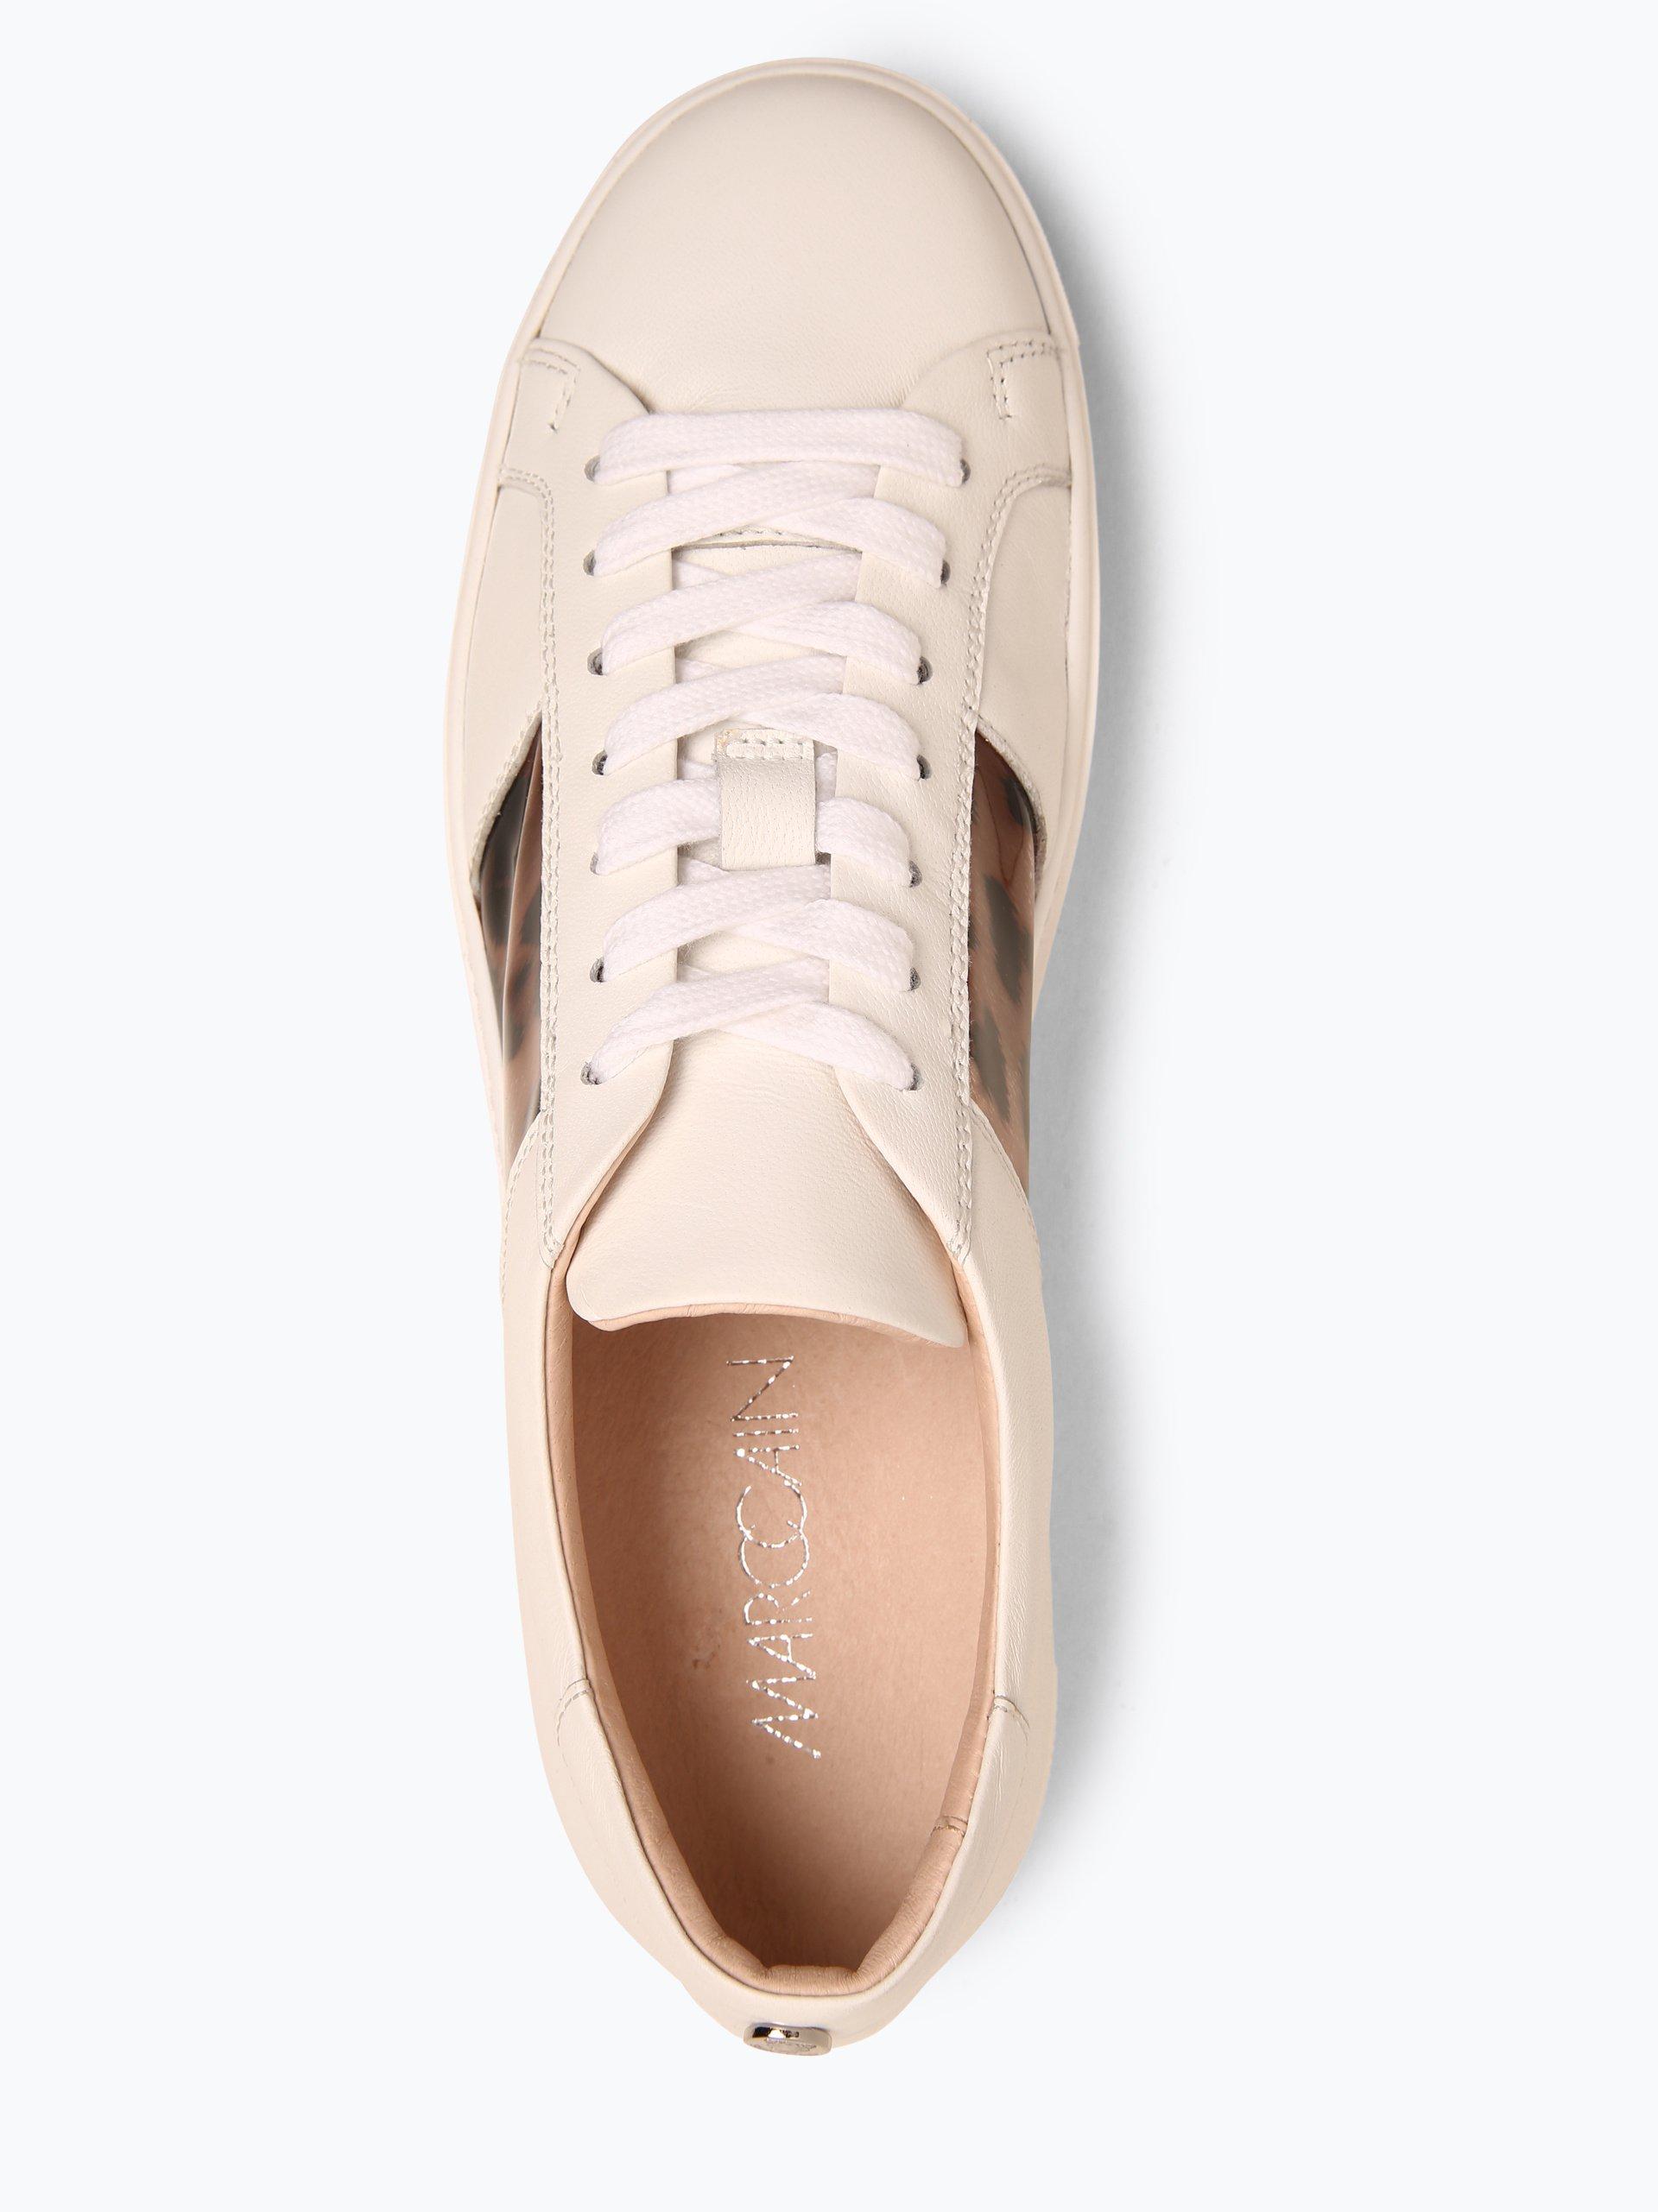 Marc Cain Bags & Shoes Damen Sneaker aus Leder